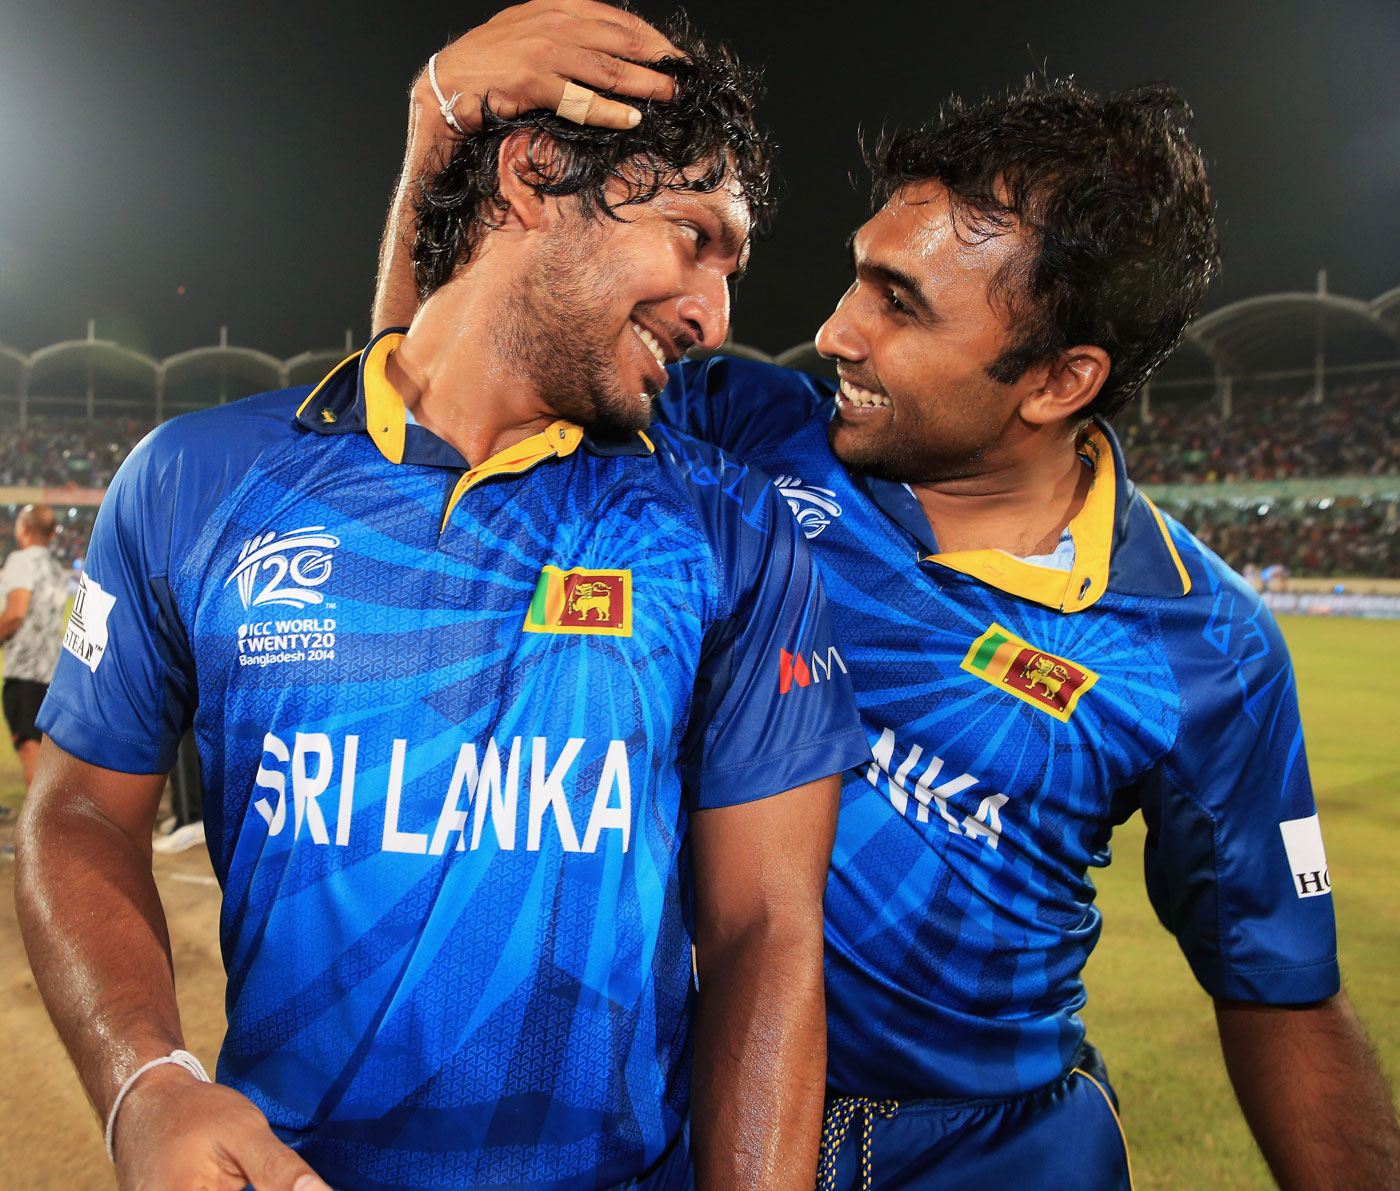 आखिरकार श्रीलंका टीम से दोबारा जुड़े संगाकारा और जयवर्धने, लौटेंगे पुराने दिन 2